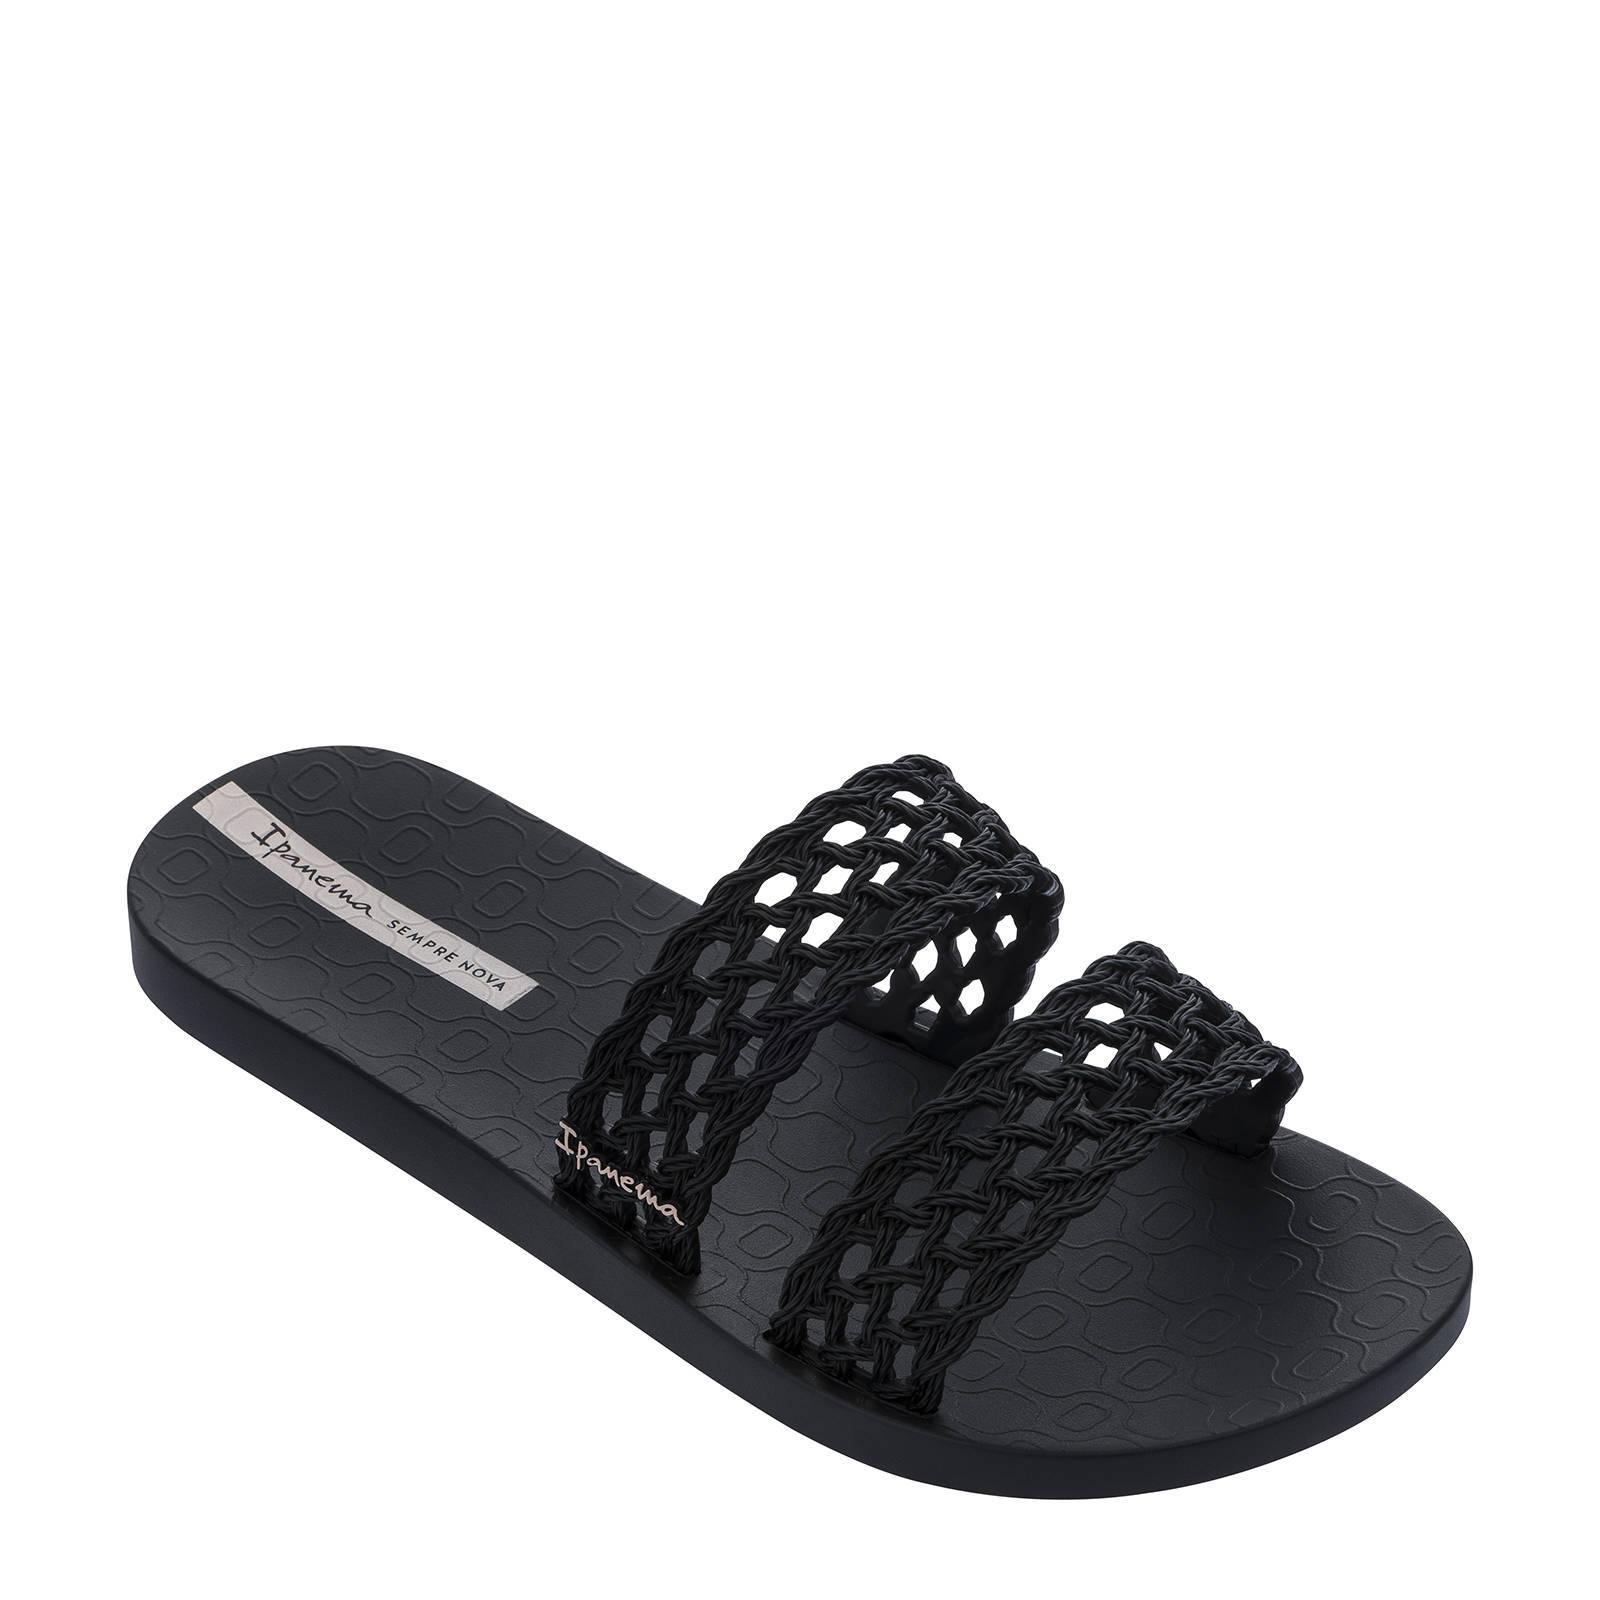 Ipanema Renda slippers Renda zwart online kopen